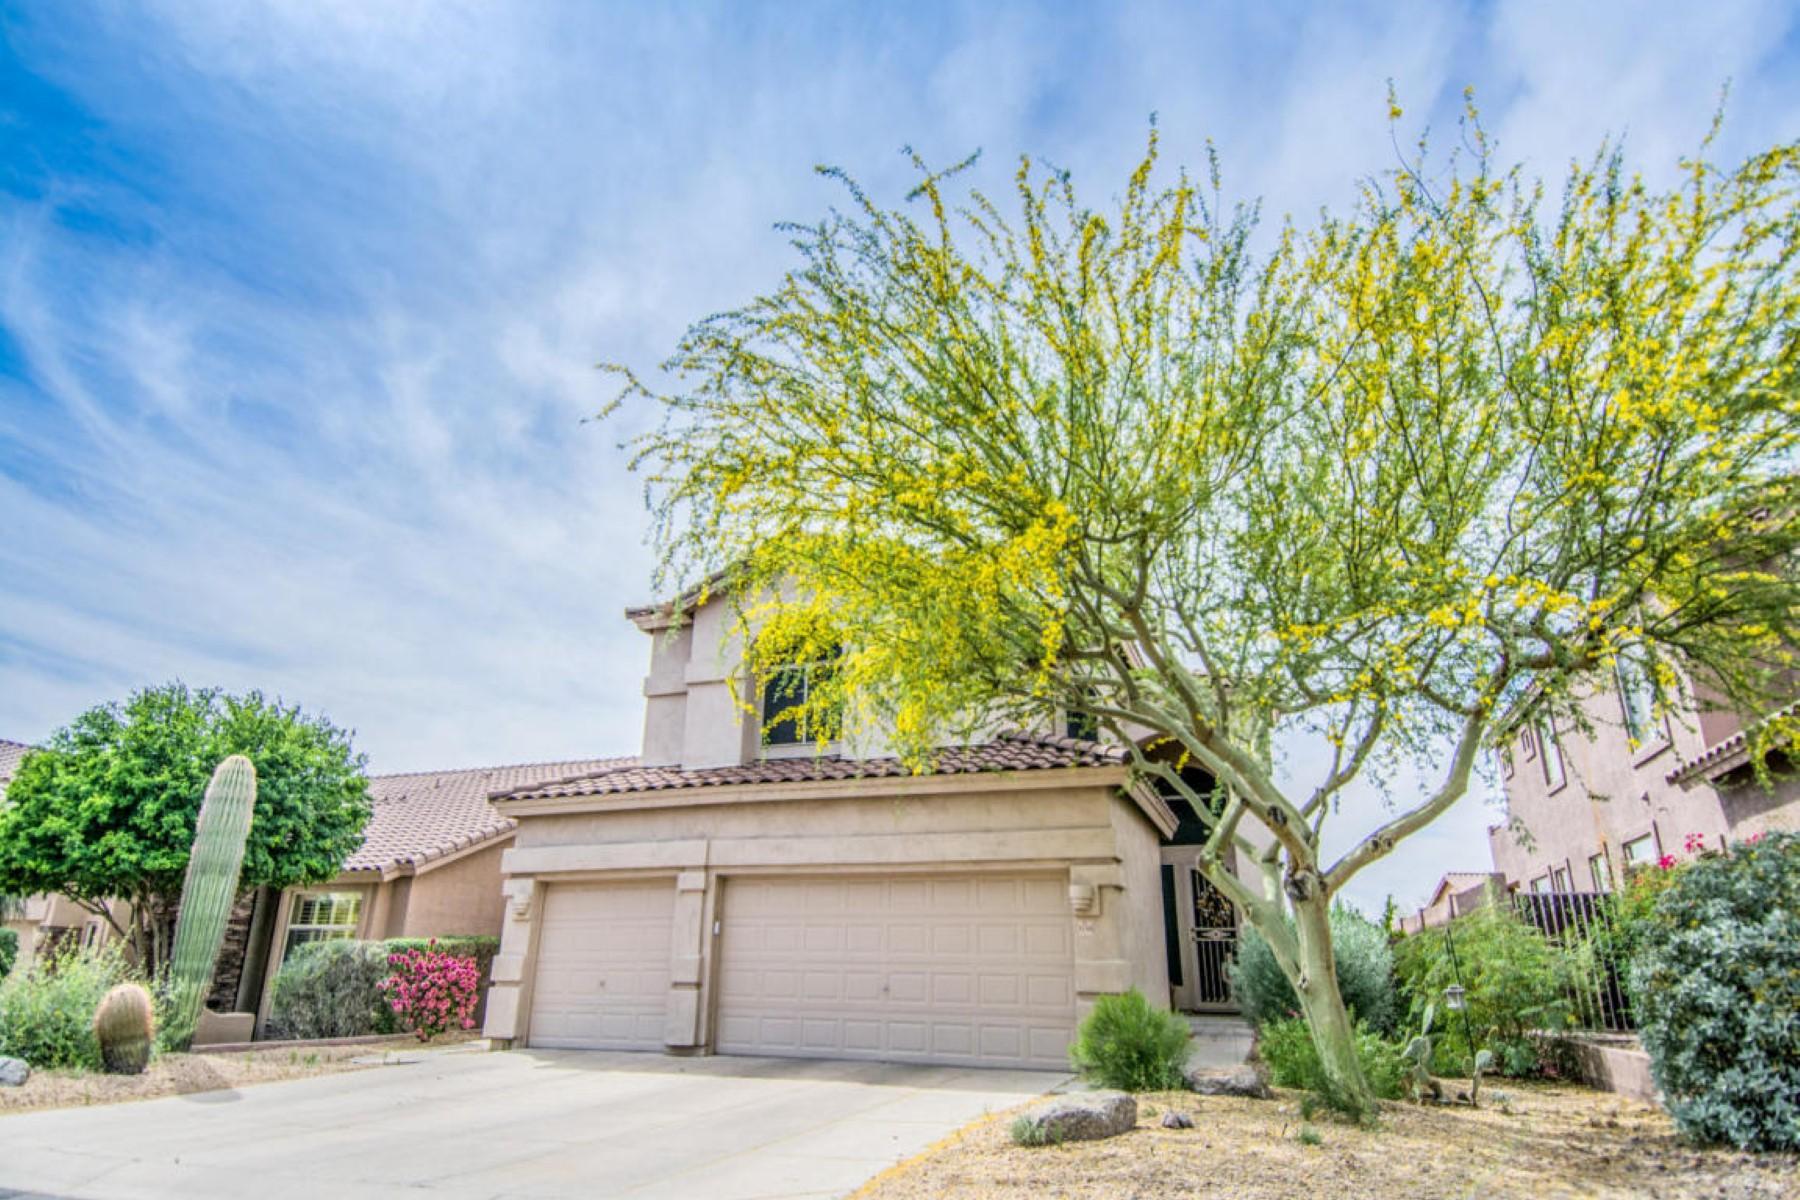 獨棟家庭住宅 為 出售 在 Located in the gated community of Rolling Hills at Las Sendas 3558 N TUSCANY Mesa, 亞利桑那州 85207 美國